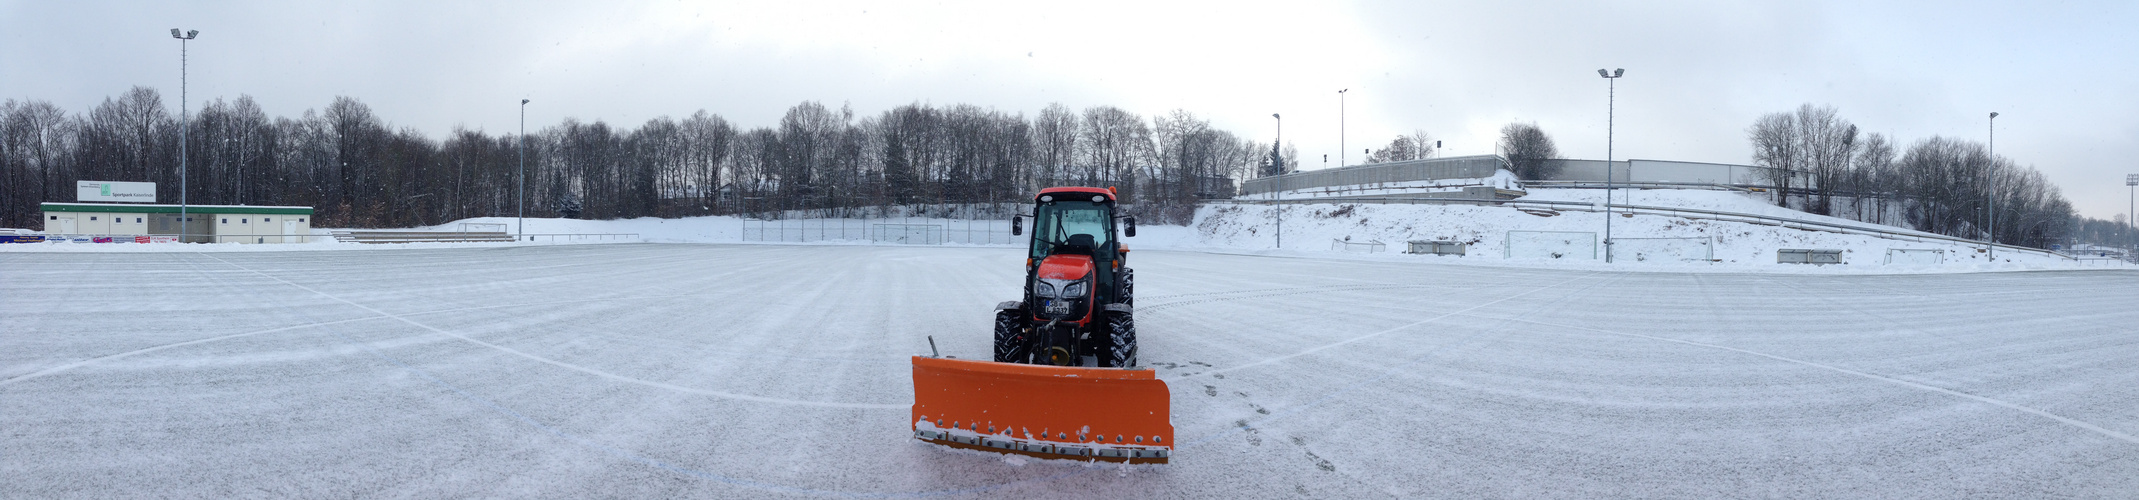 Winterdienst Sportplatz